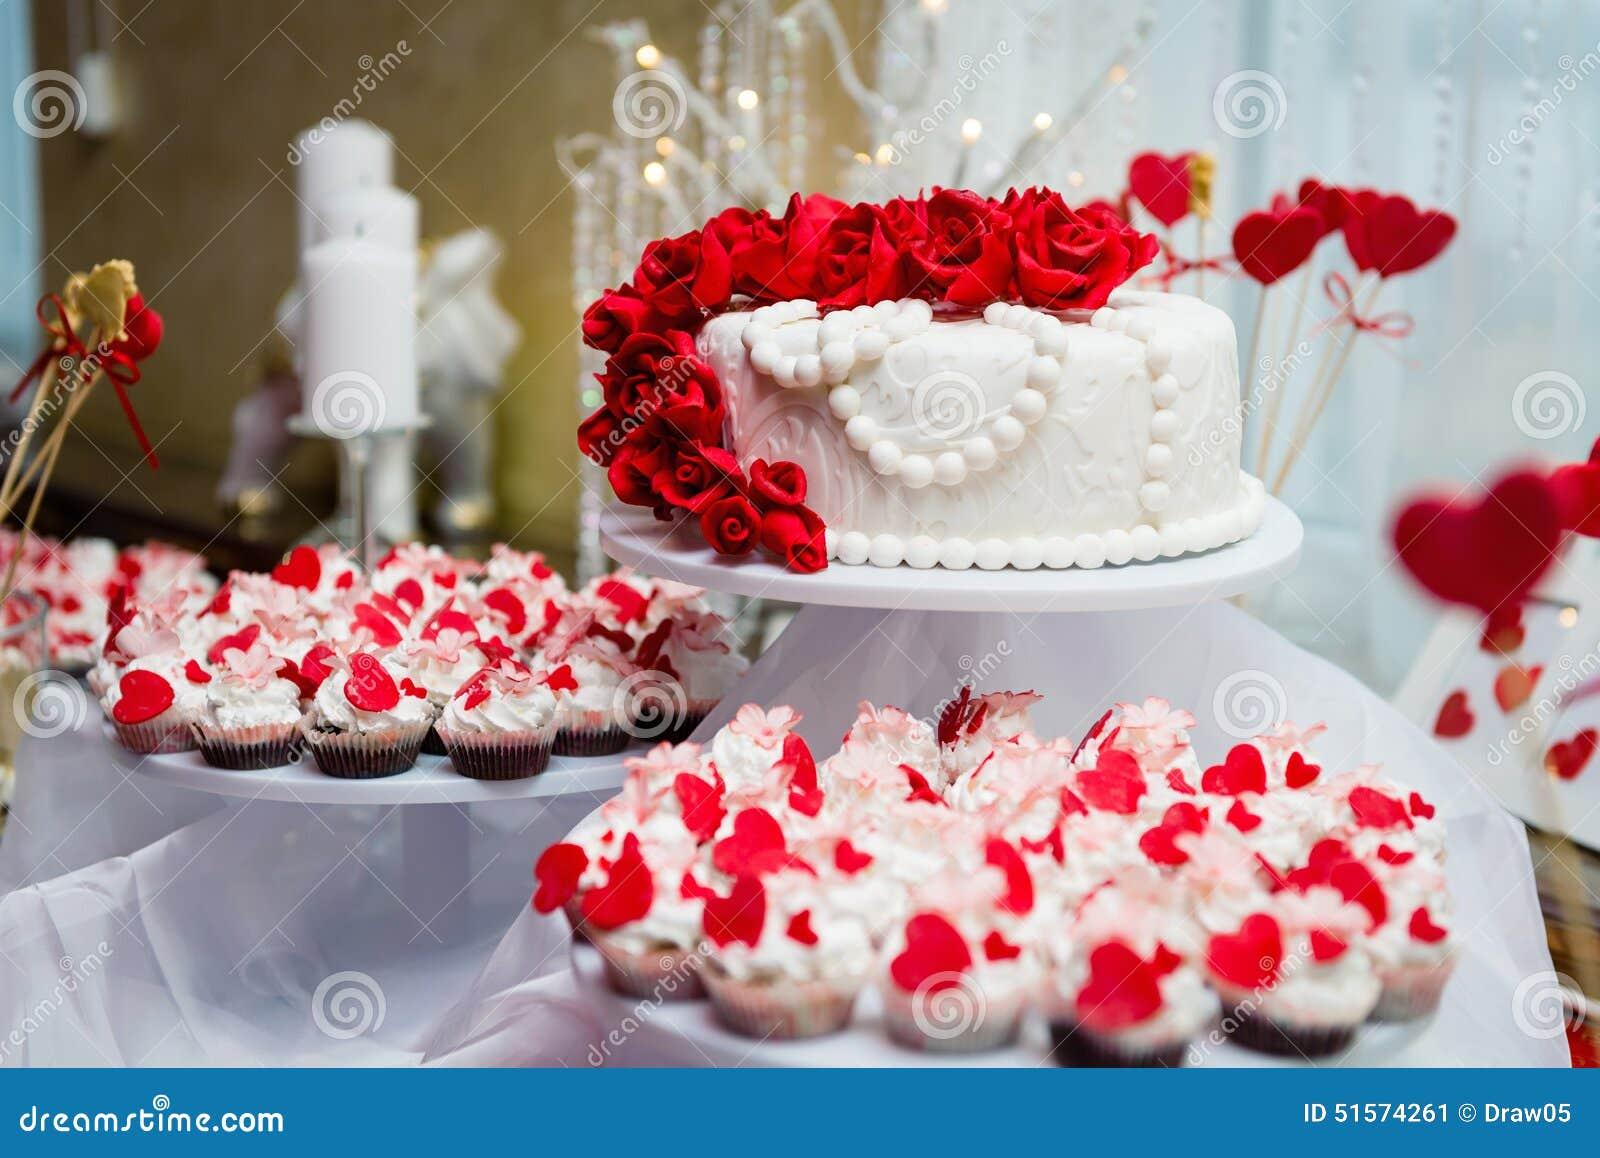 Bilder kuchen dekorationen